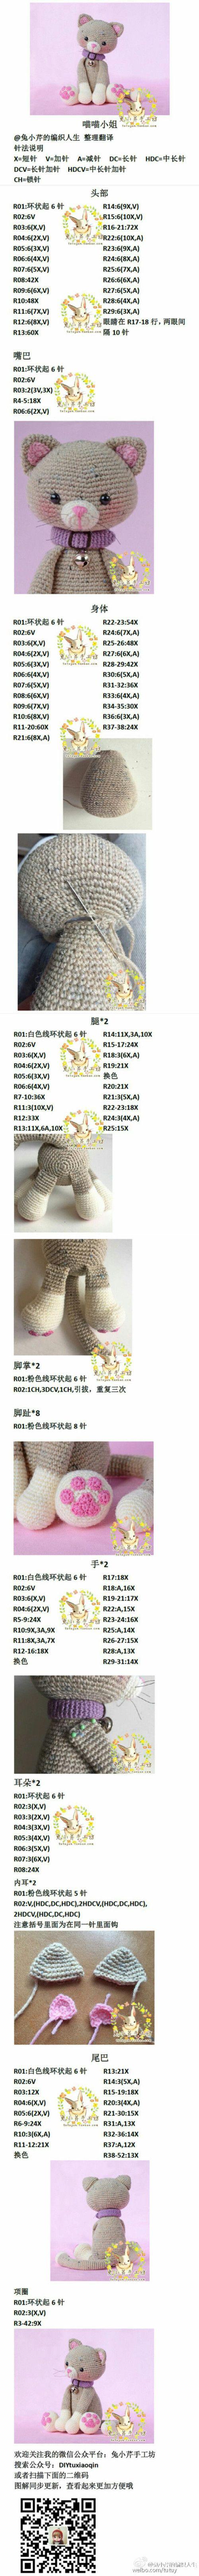 Mejores 268 imágenes de crochet en Pinterest | Llaveros, Muñecos de ...